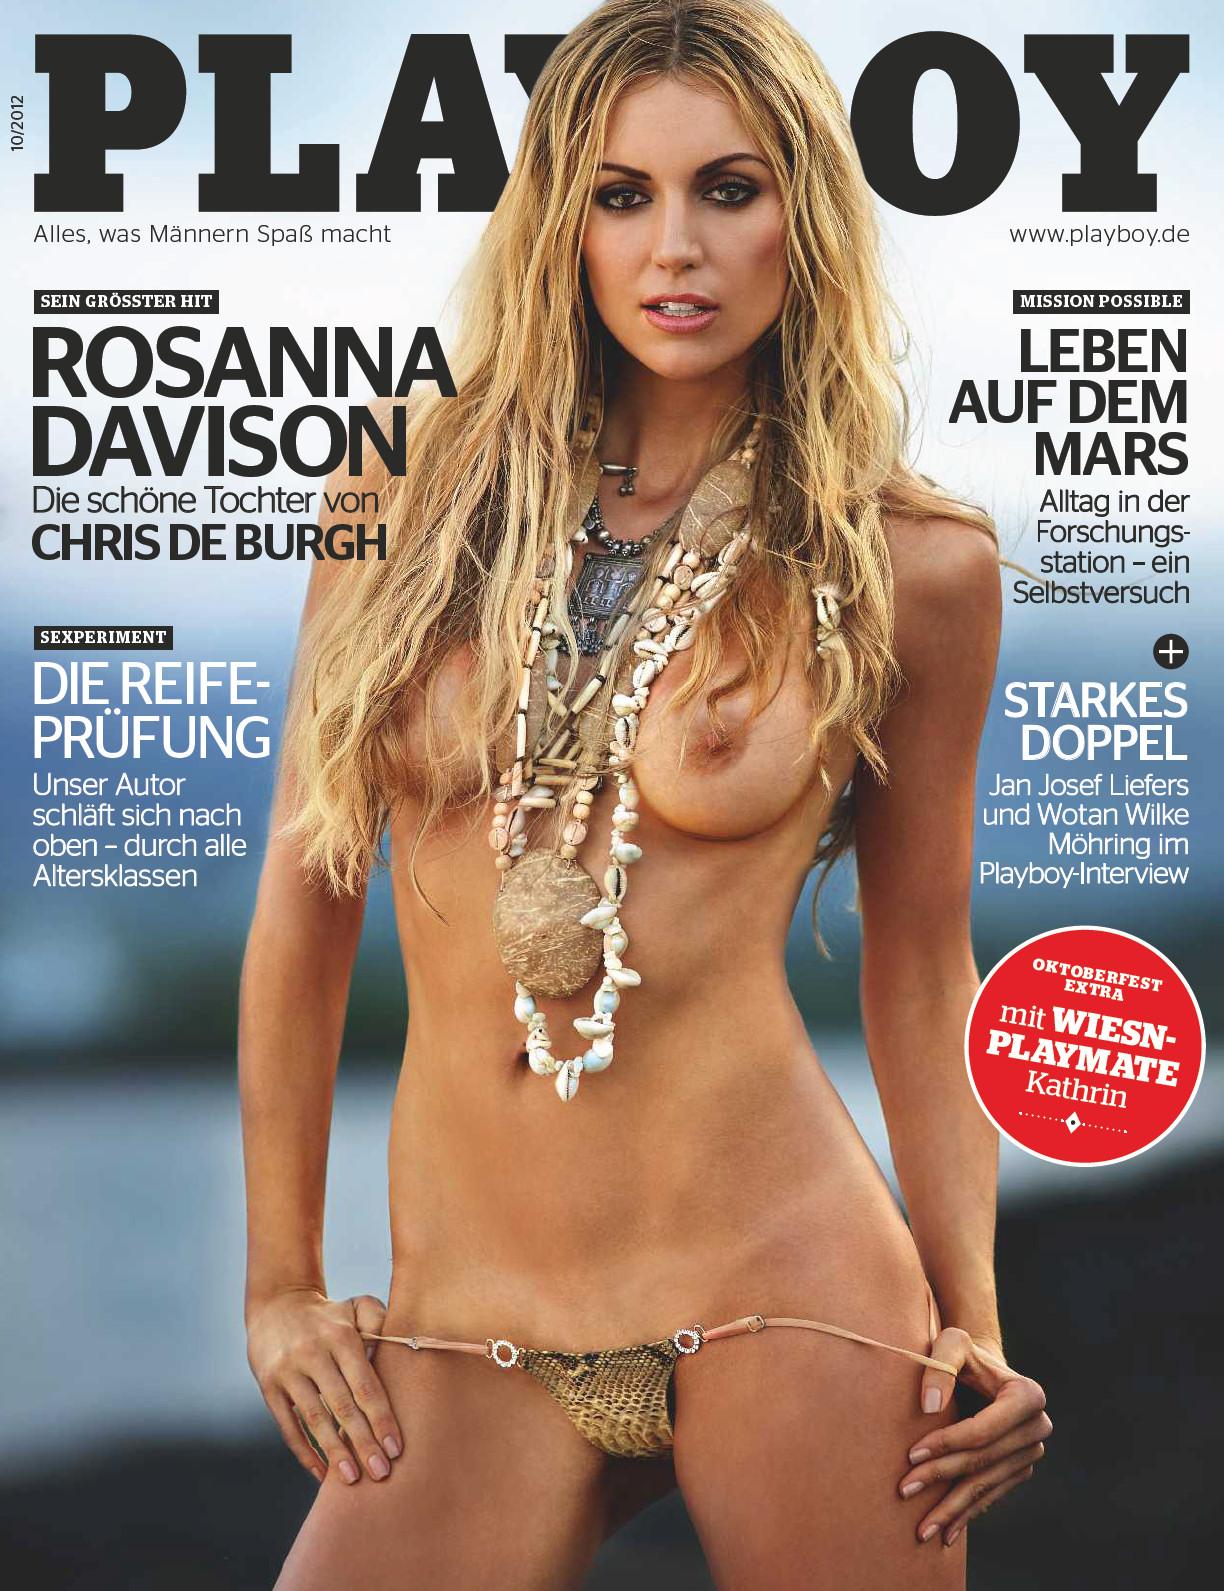 http://2.bp.blogspot.com/-Z7vPUOUNTsg/UFXD0TgJqiI/AAAAAAAAEw8/J5VIeVCyJSY/s1600/Playboy+Germany+October+2012.jpeg